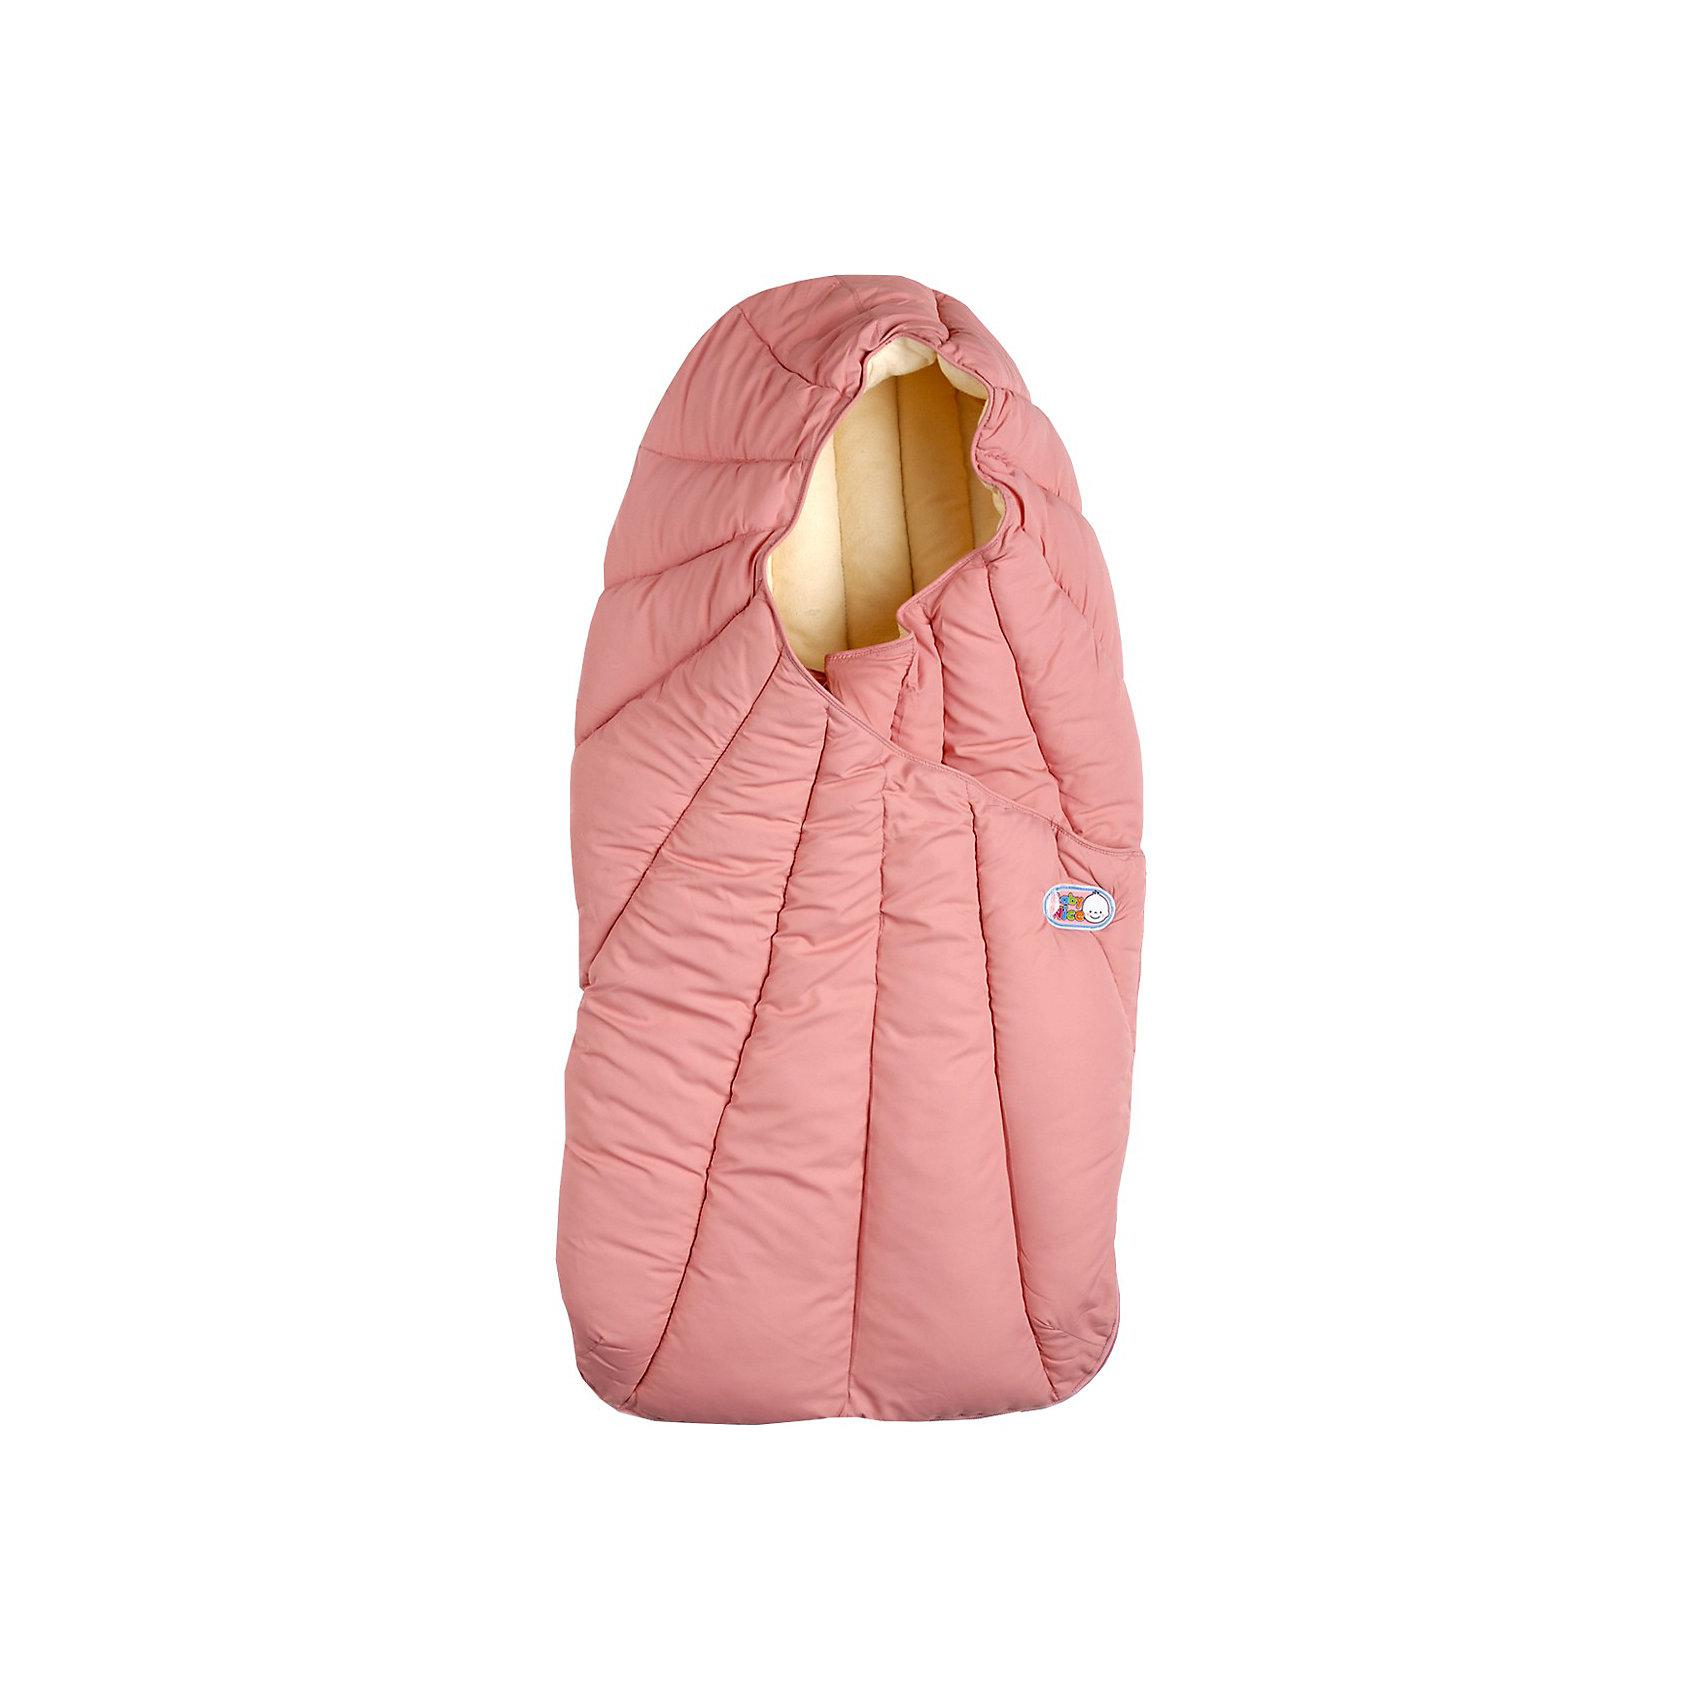 Конверт в коляску, 0-6 мес., Baby Nice, розовый от myToys